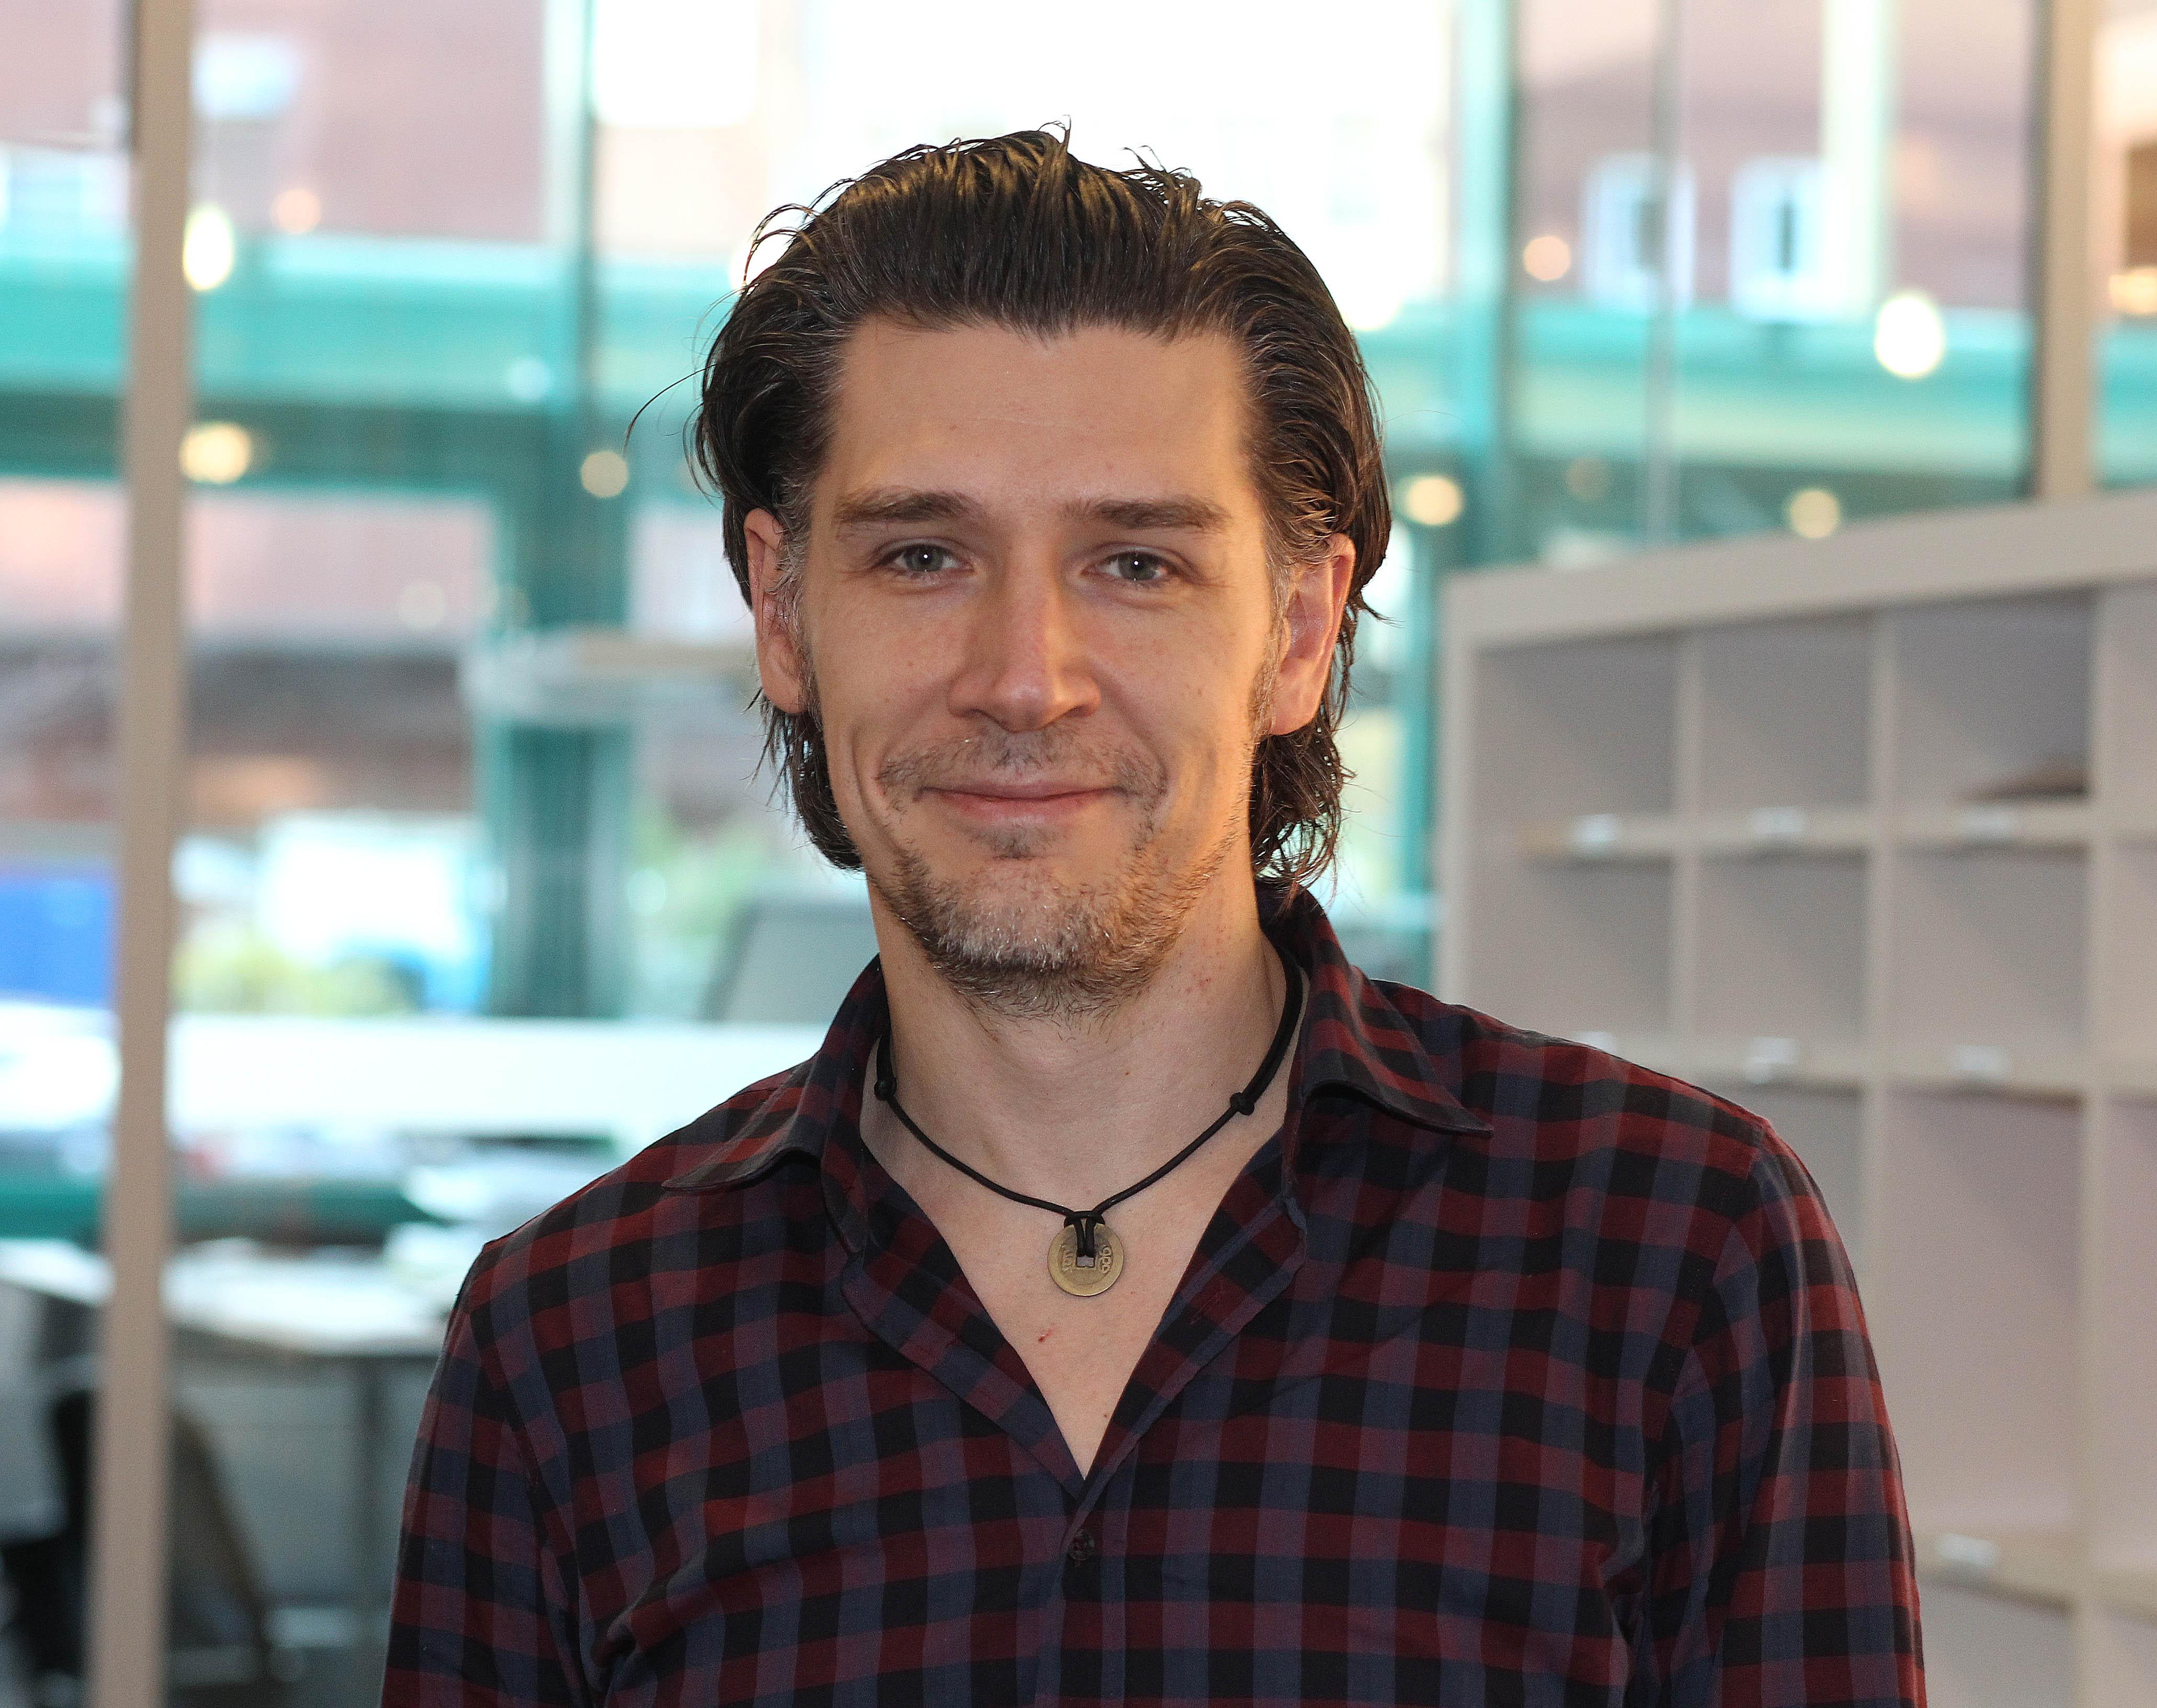 Florian Petrow